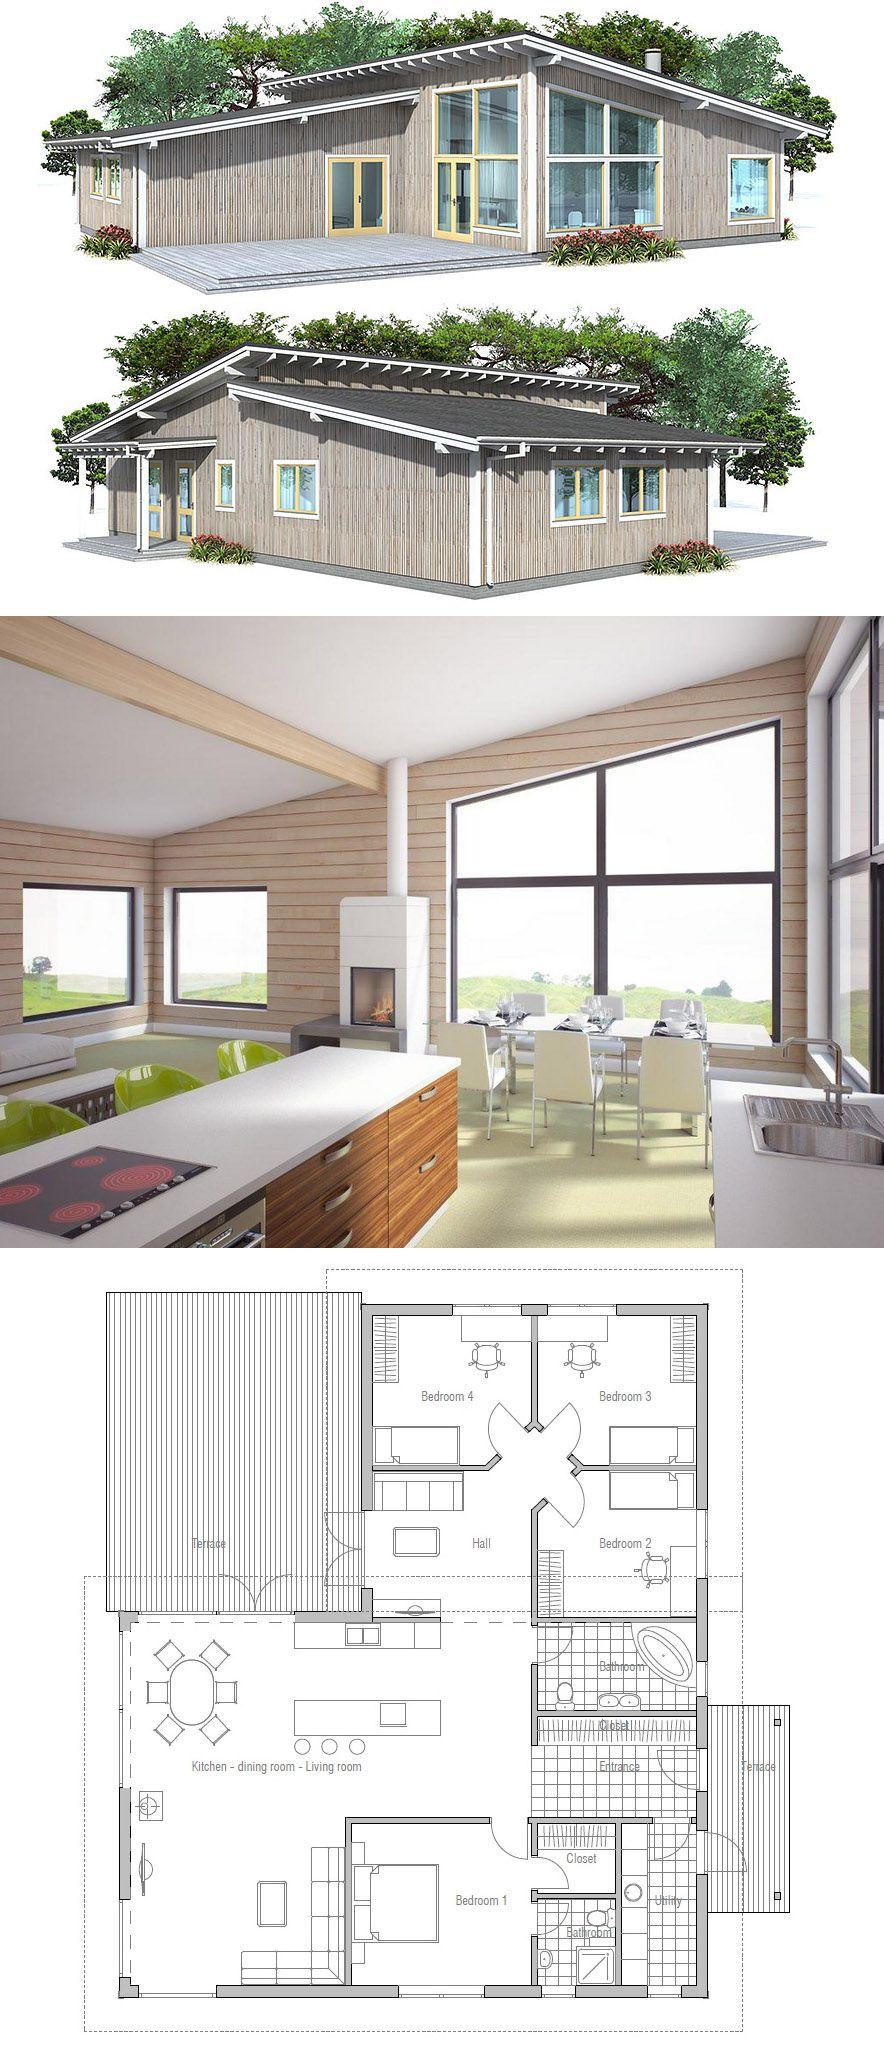 Plan De Maison Maison Projet De Maison Architecture Plandemaison Maison Architecture Projetdemai House Plans Building A Container Home Small House Plans